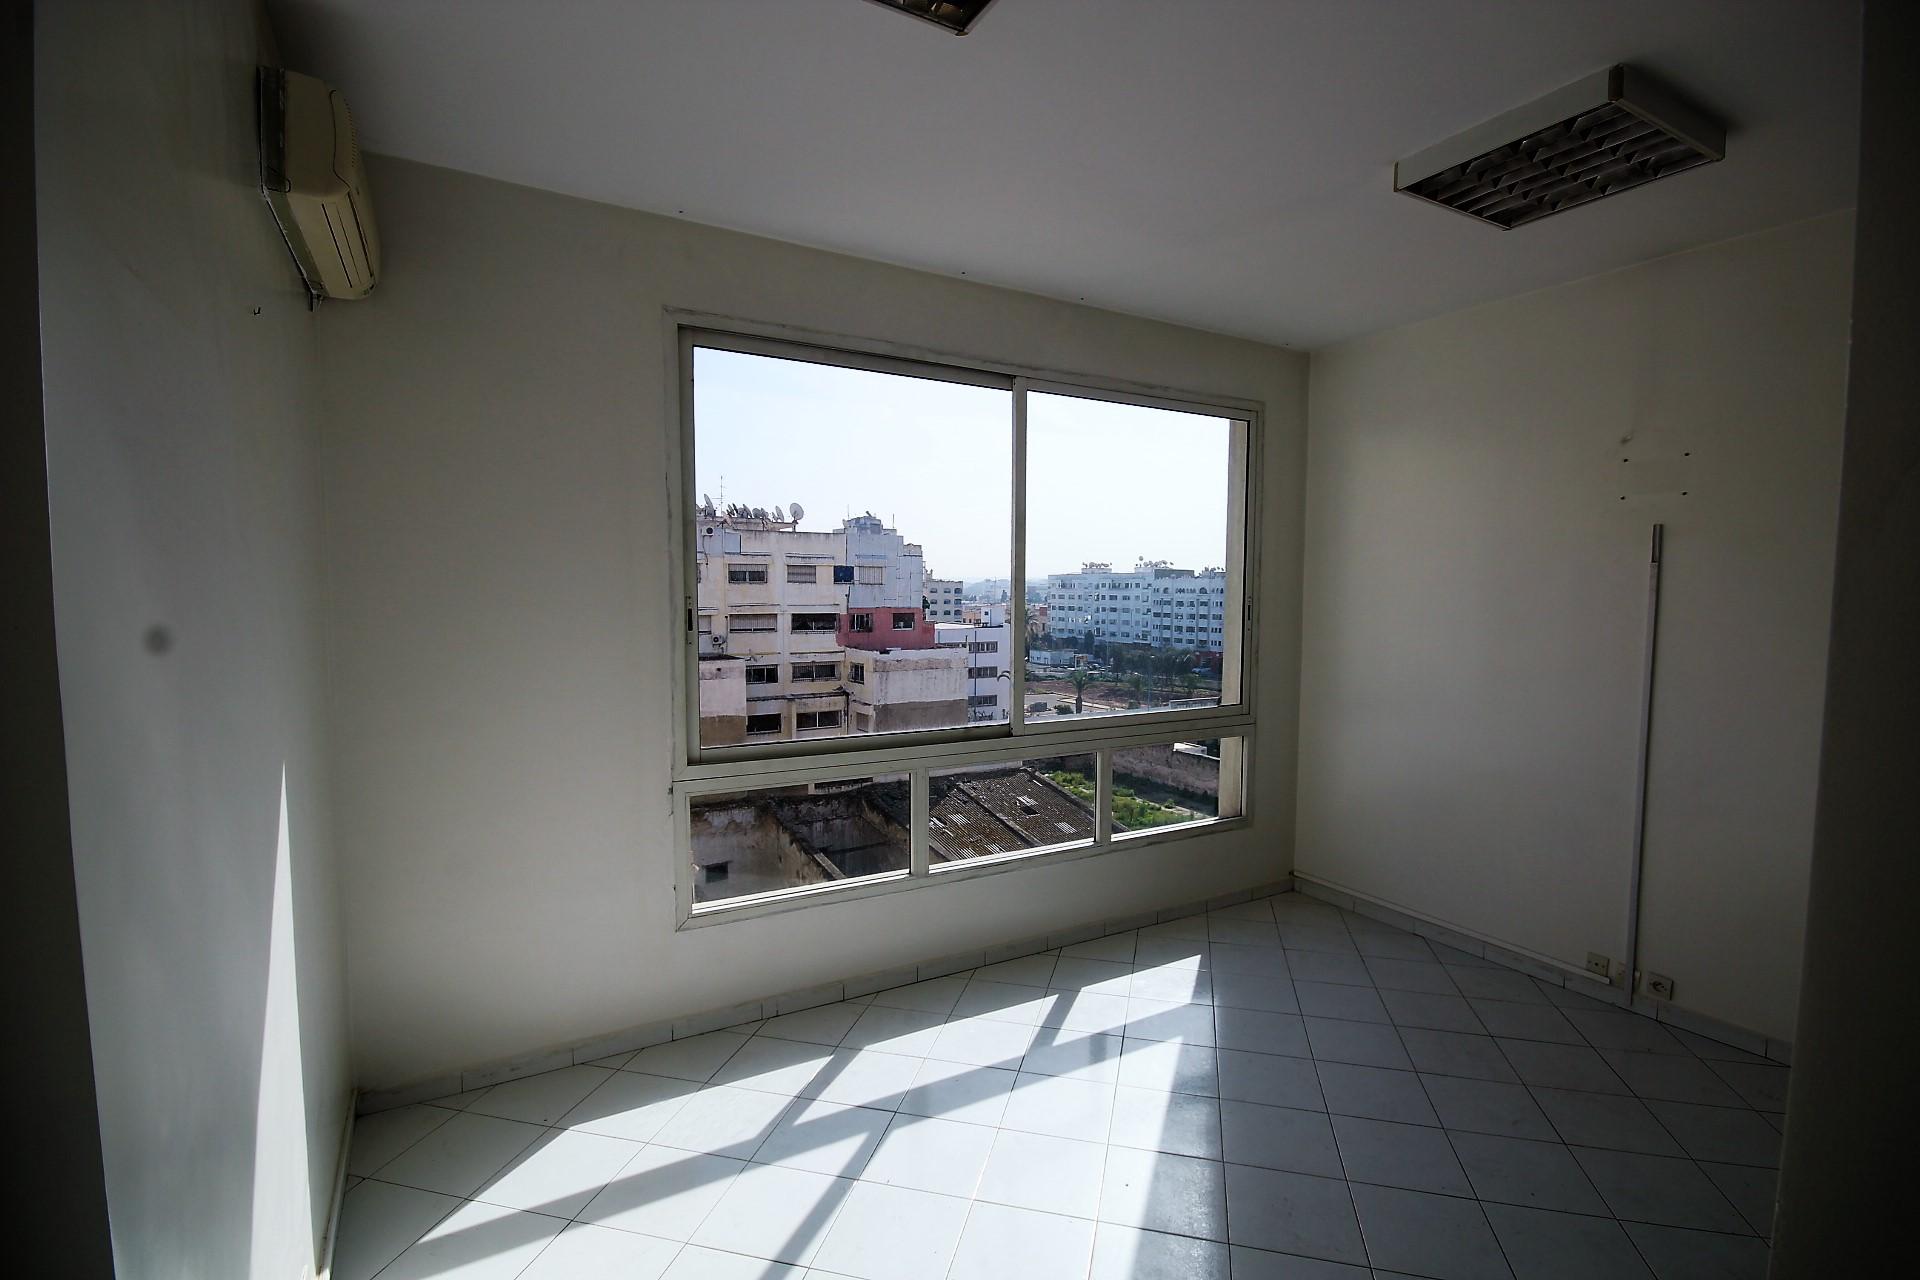 Maroc, Casablanca, Bld Abdelmoumen à louer bureau lumineux et efficace de 58,50 m² dans immeuble professionnel proche tram